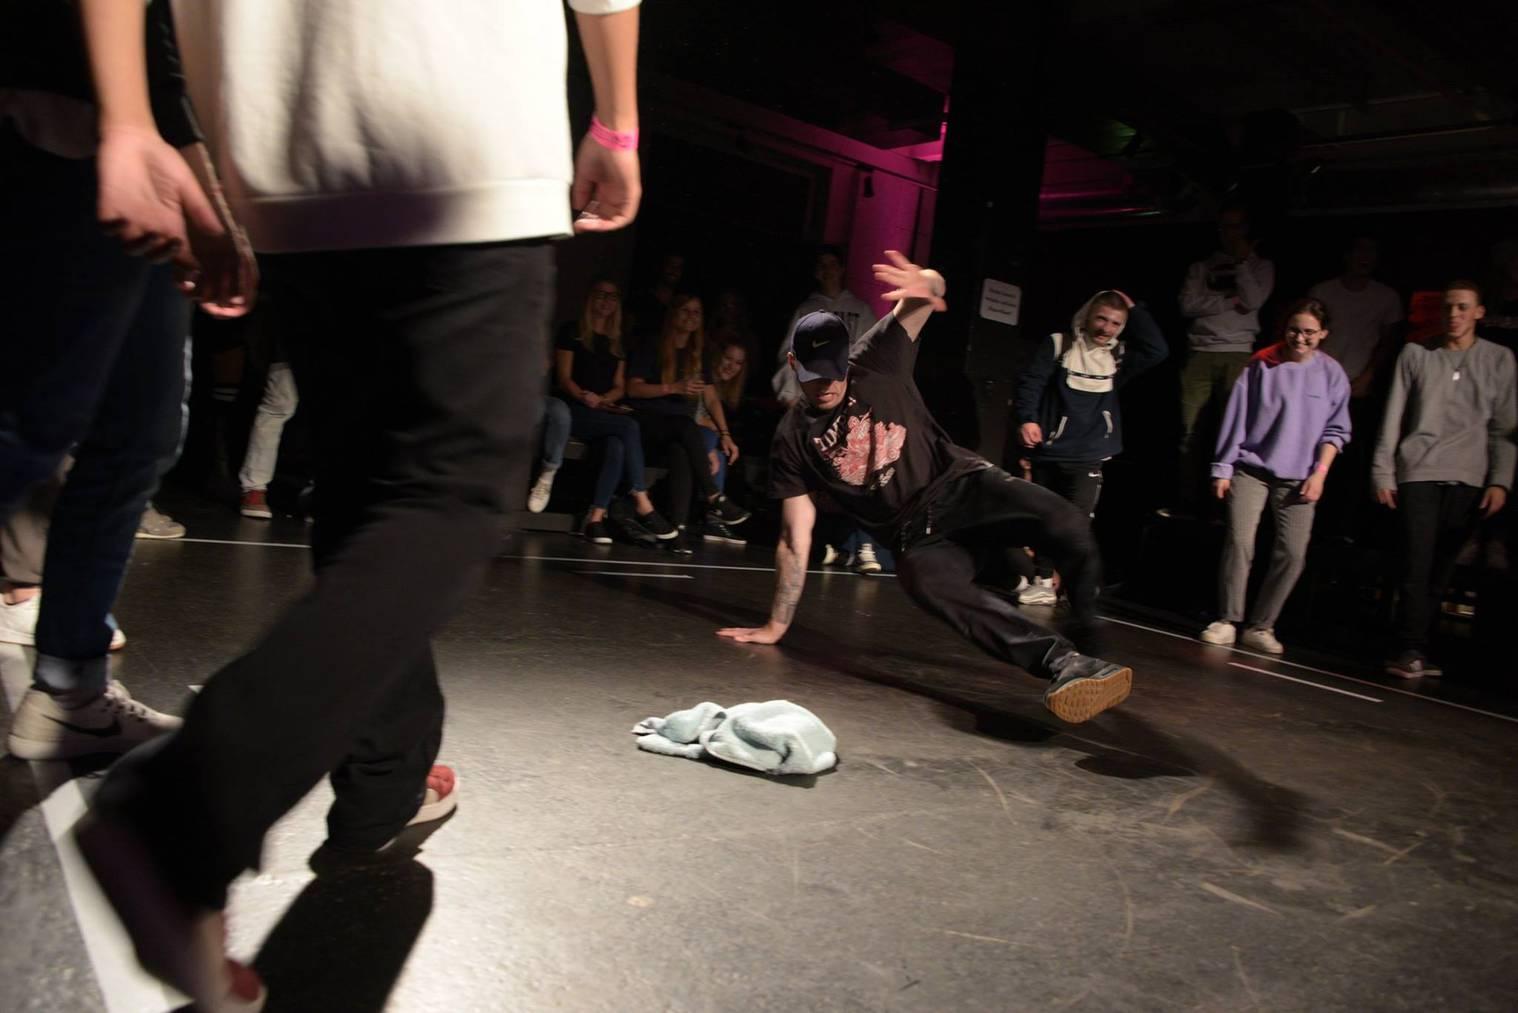 Beim Battle im Flon können sich die Tänzer messen. (Bild: Facebook/Saint City Beatz)